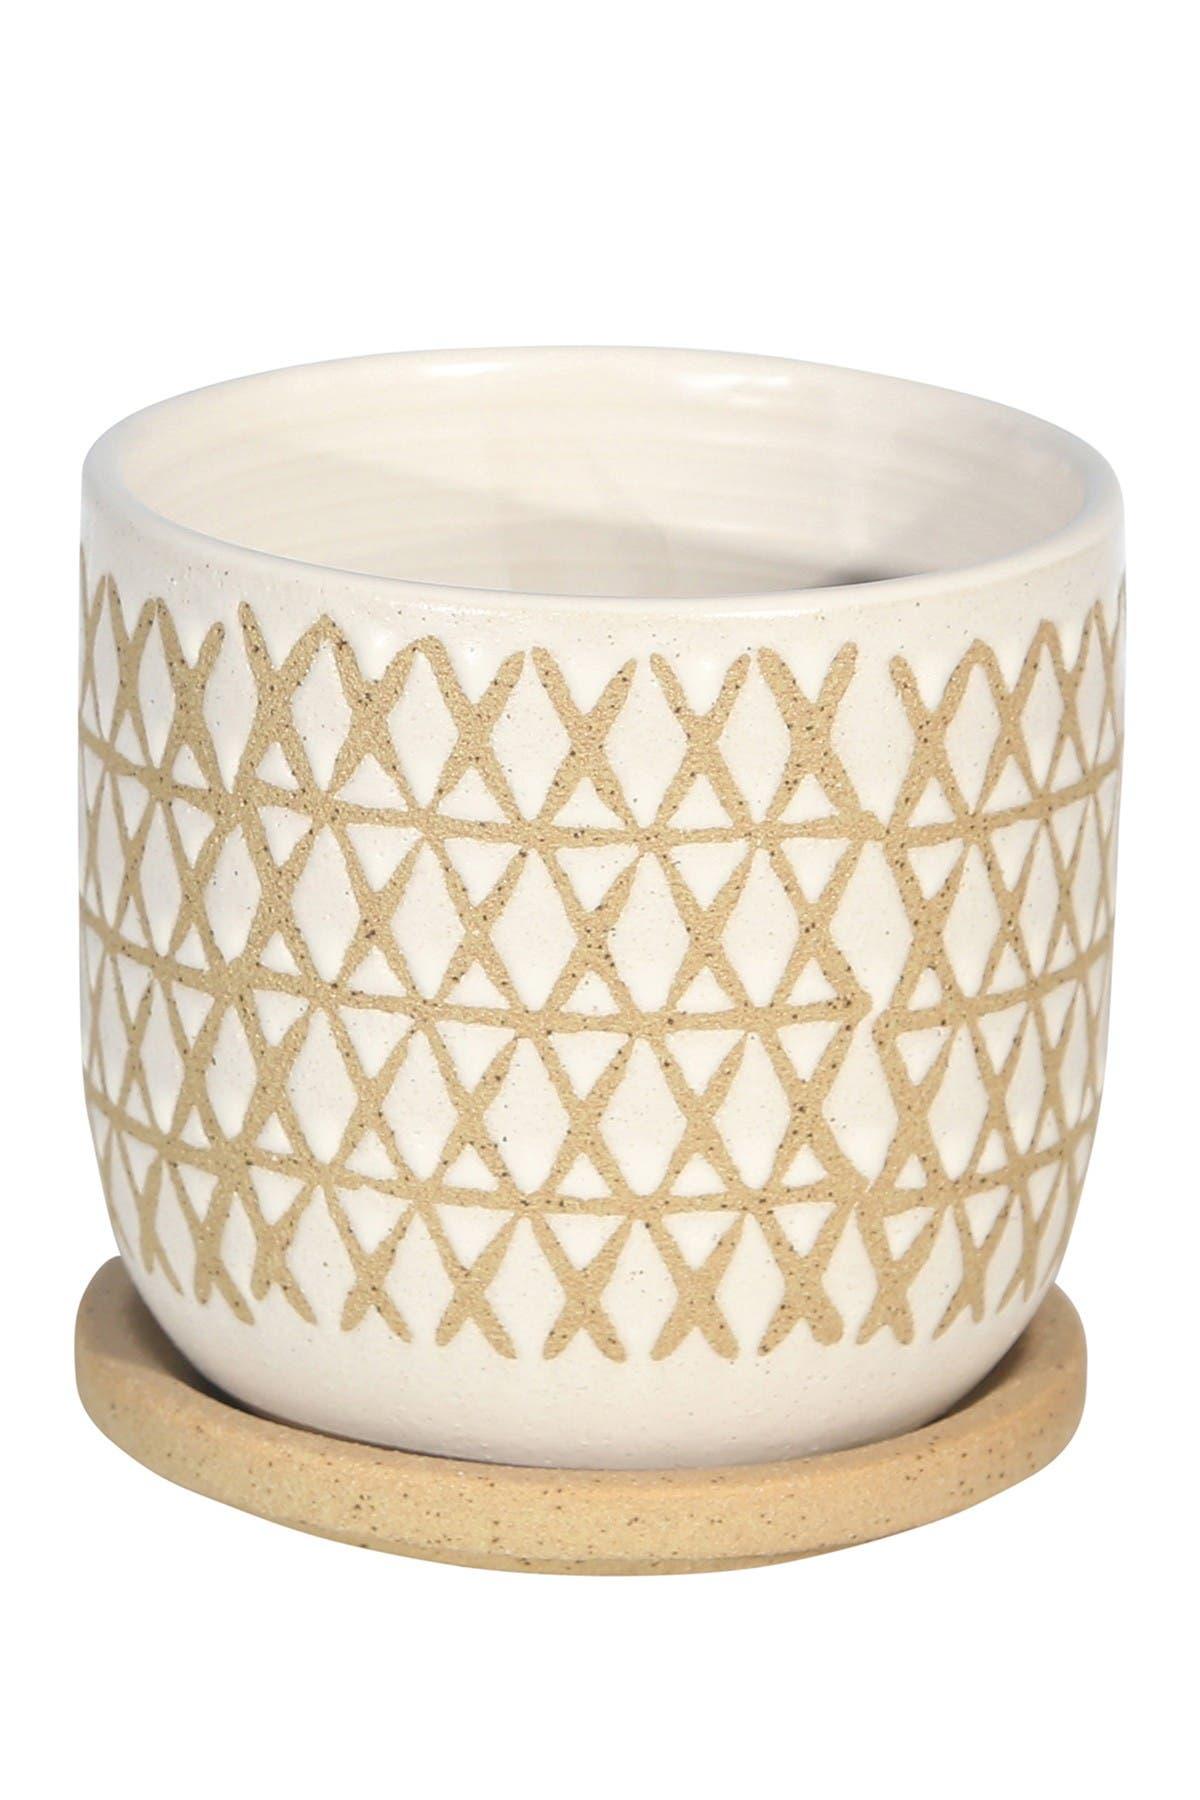 Sagebrook Home Sand Ceramic 5 Saucer Planter Nordstrom Rack